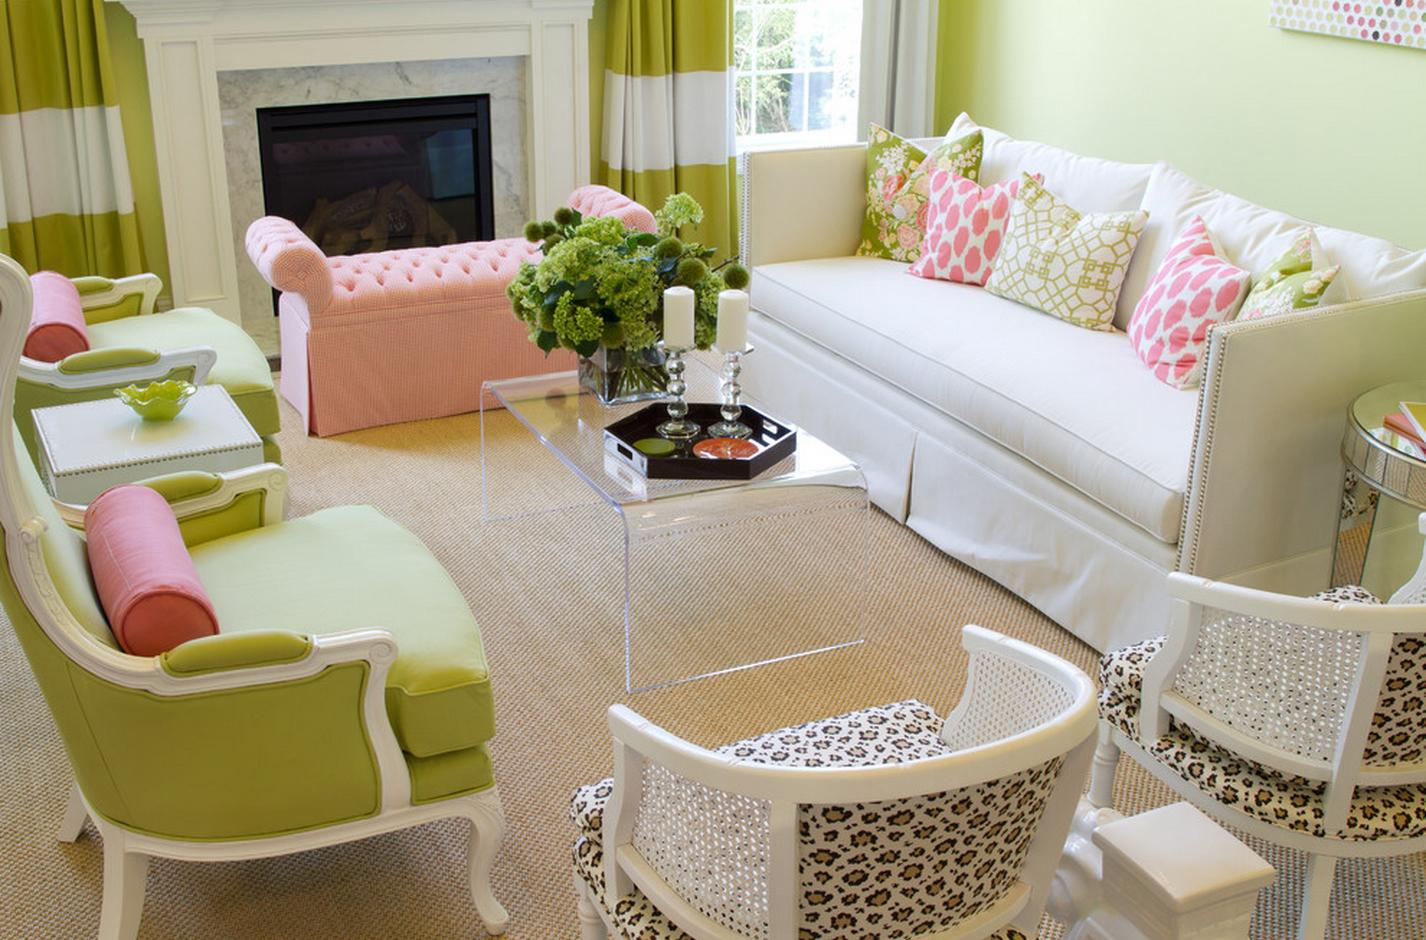 Бежевый, белый, розовый и салатовый цвета в гостиной с камином